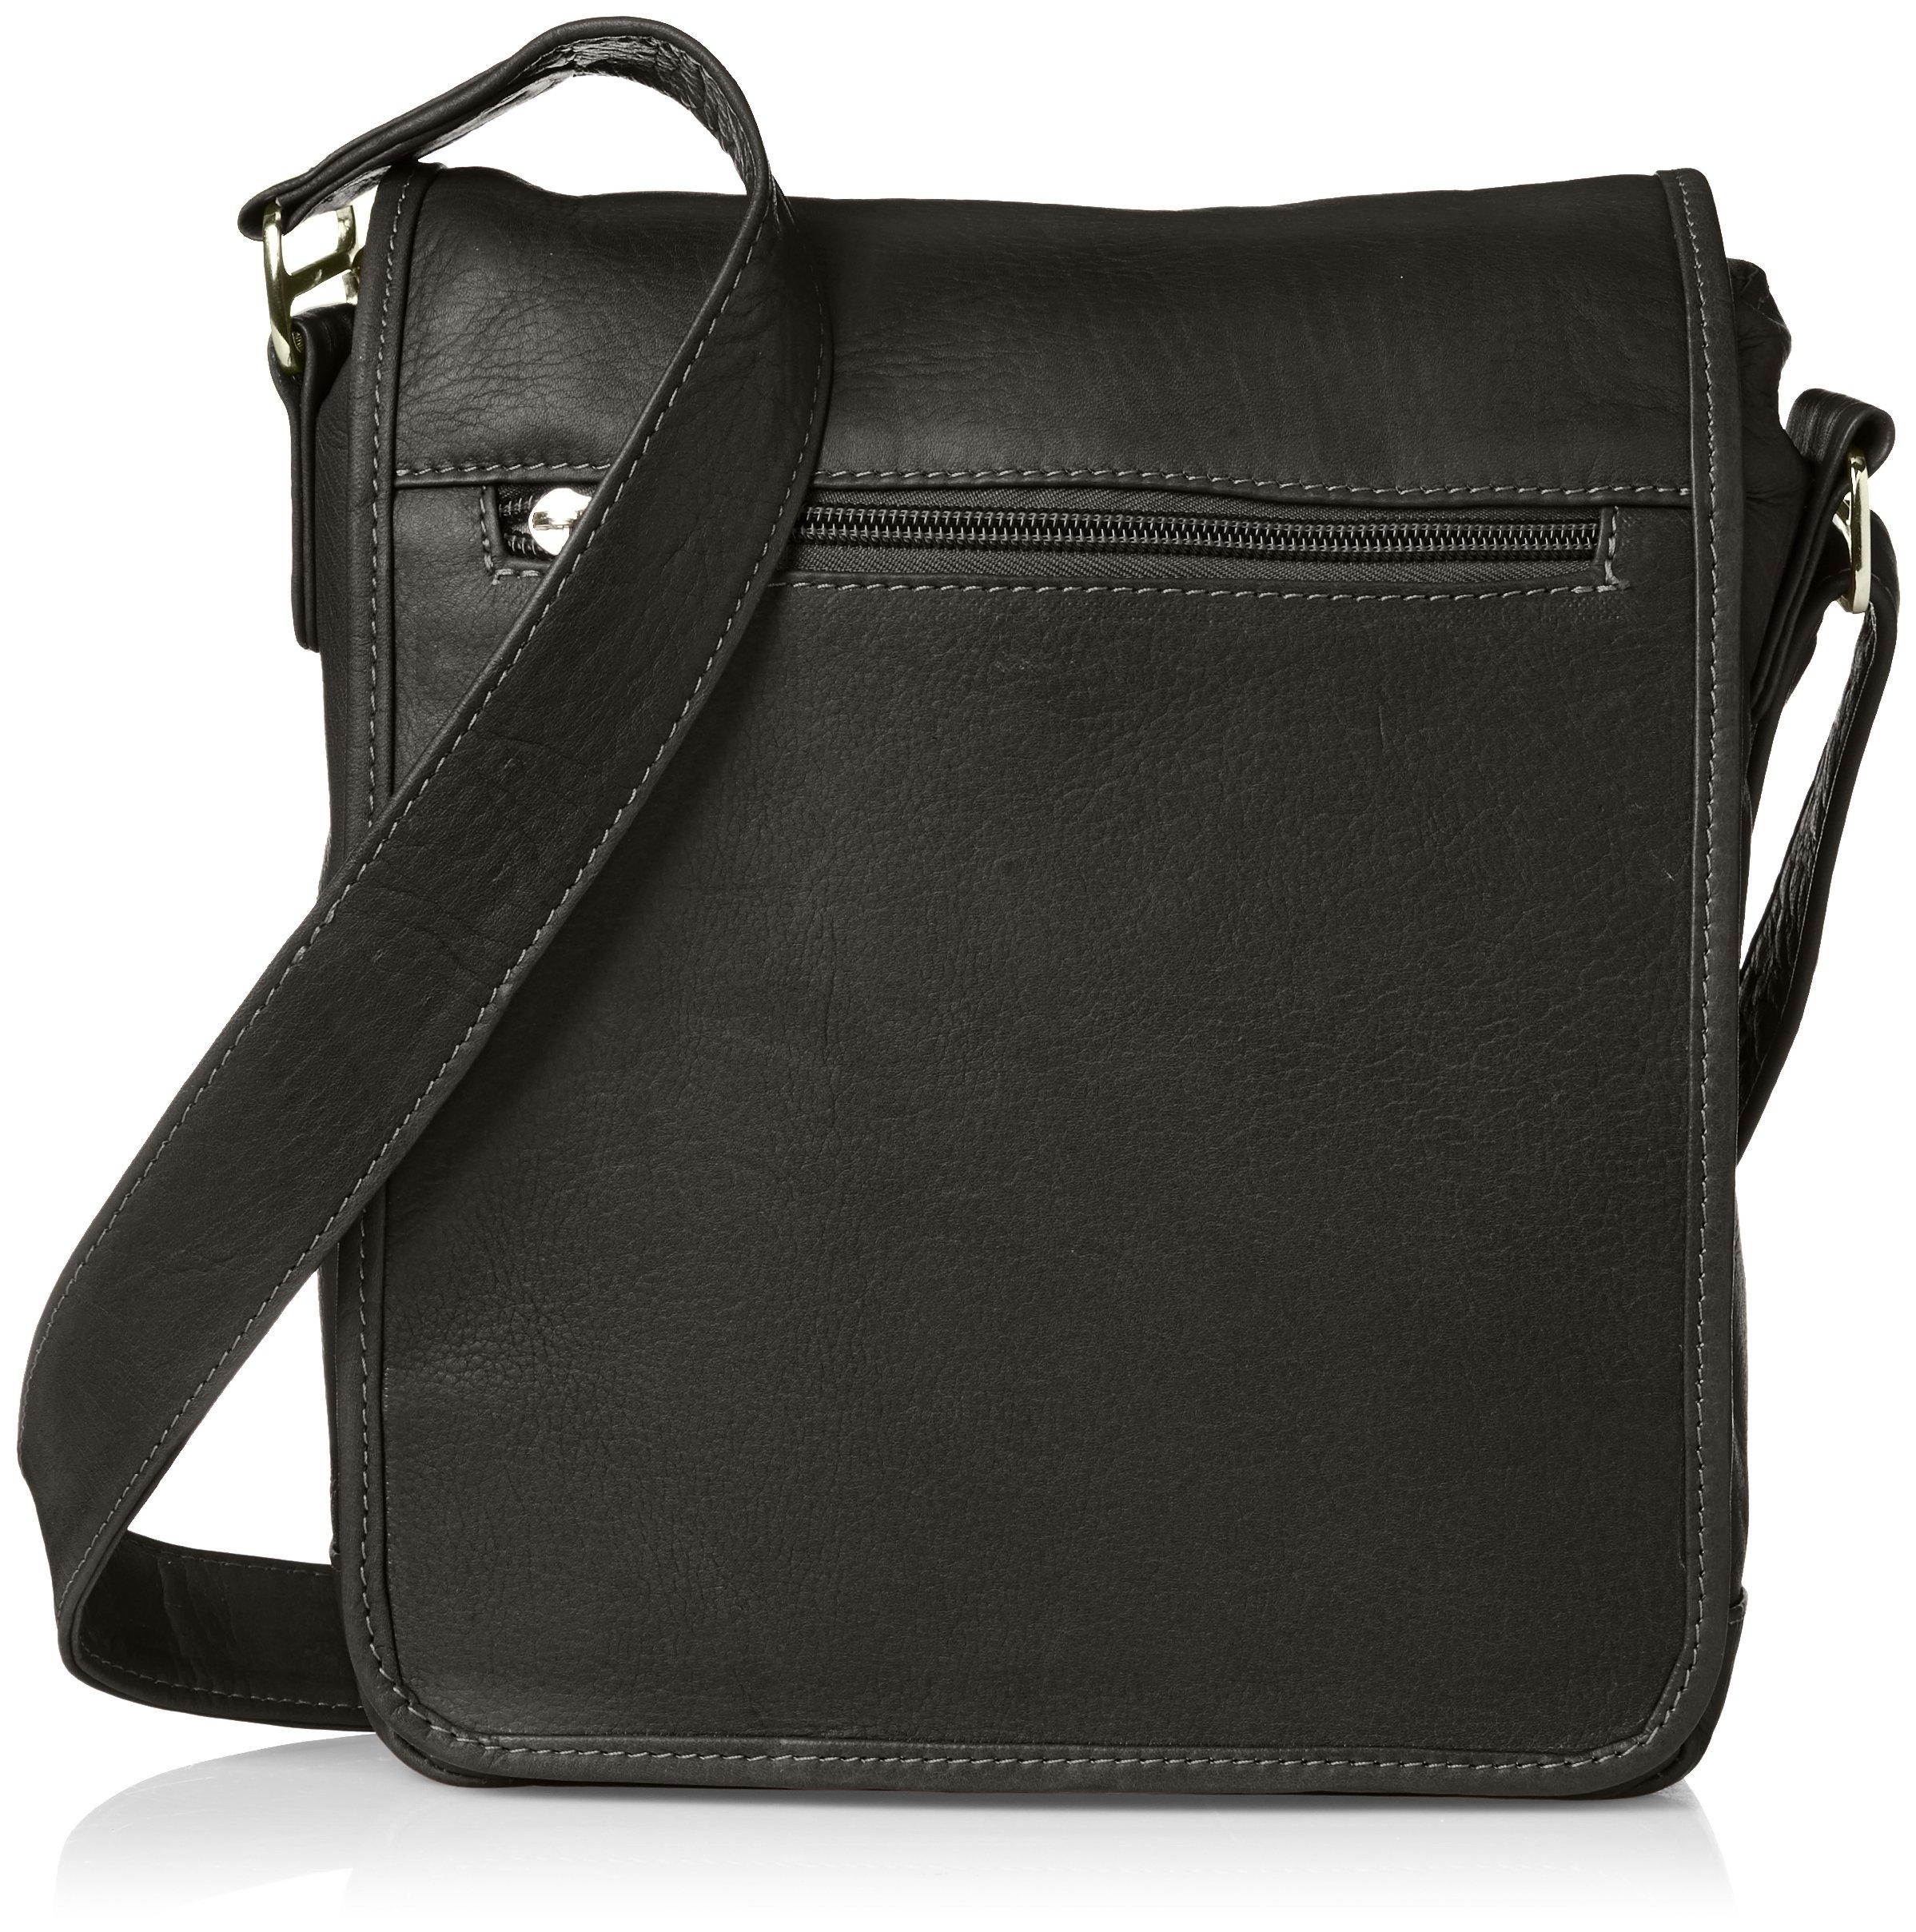 Piel Leather iPad Tablet Shoulder Bag, Black, One Size